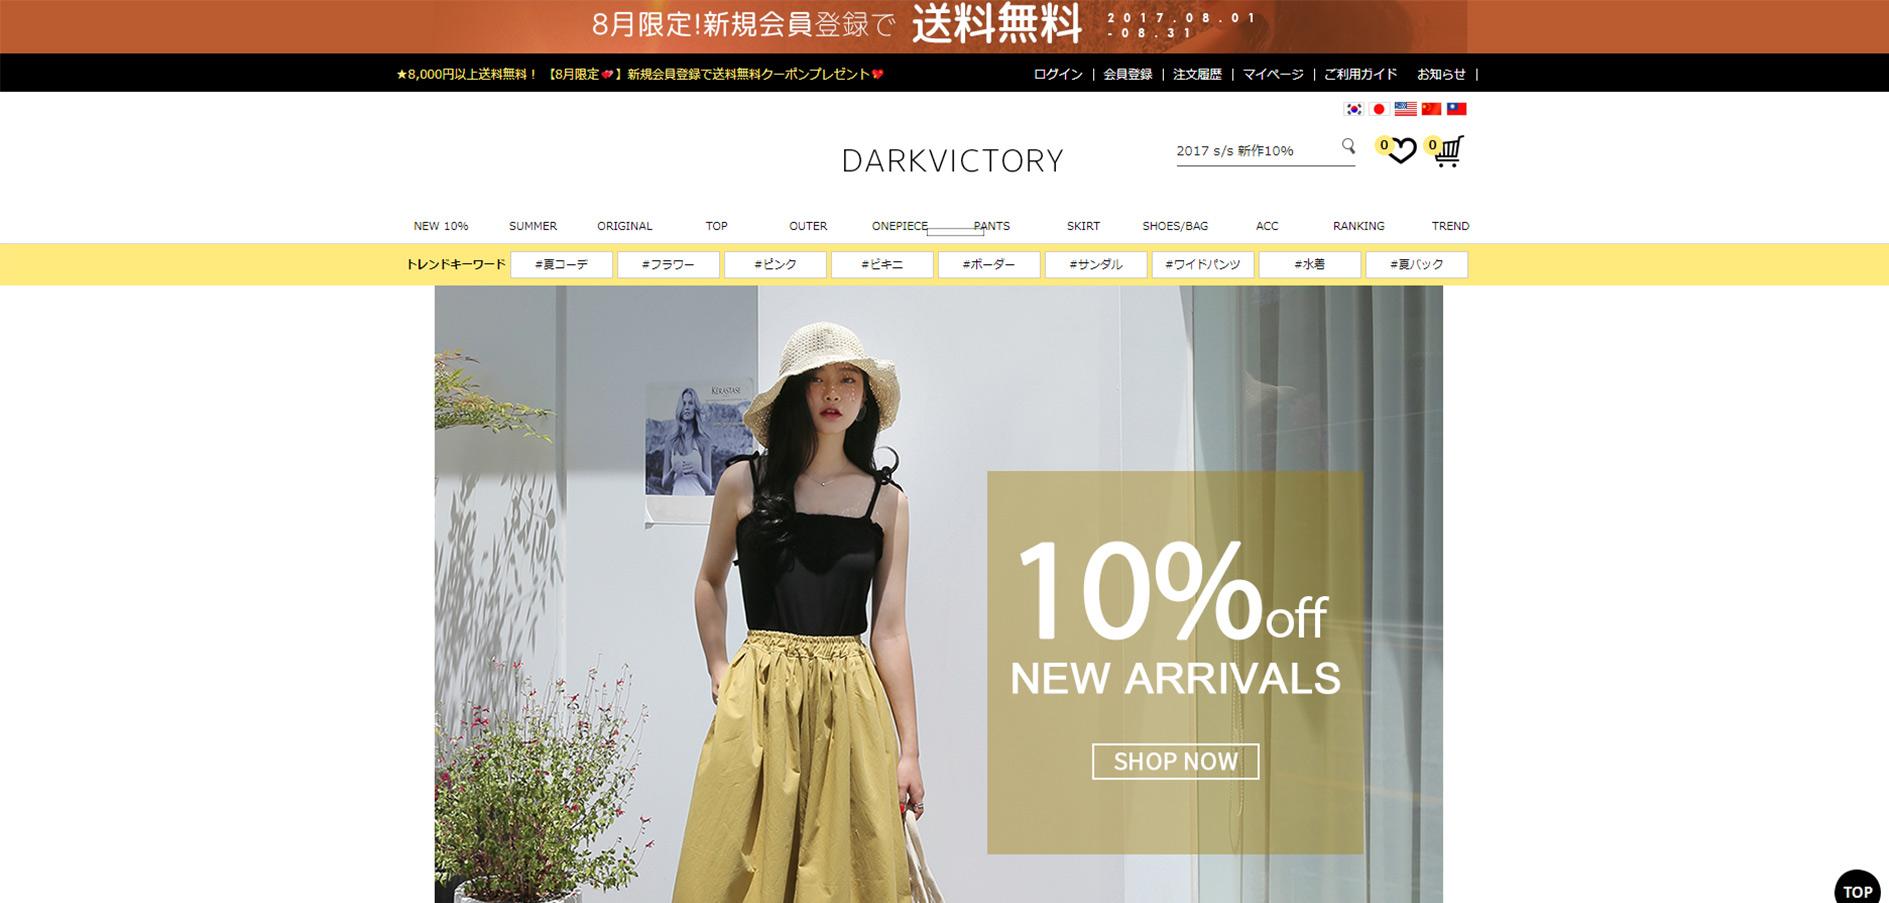 20代におすすめな韓国ファッション通販サイトのDARKVICTORY(ダークヴィクトリー)